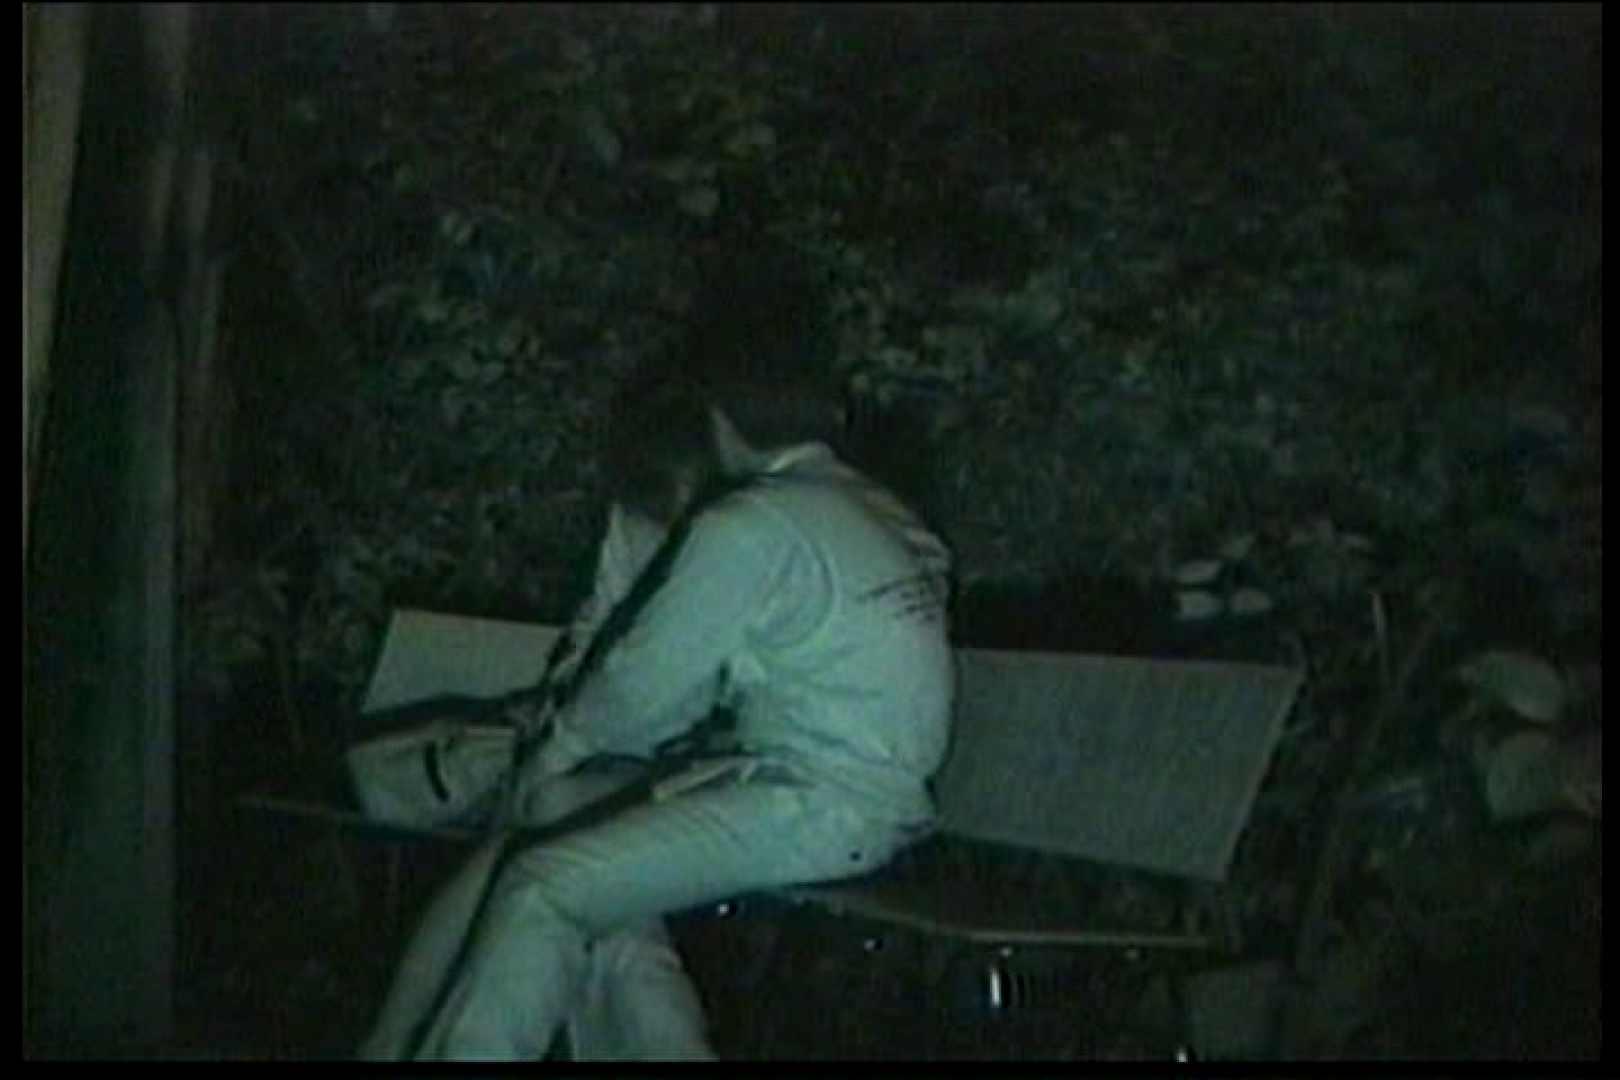 闇の仕掛け人 無修正版 Vol.16 セックス AV無料動画キャプチャ 78PIX 43